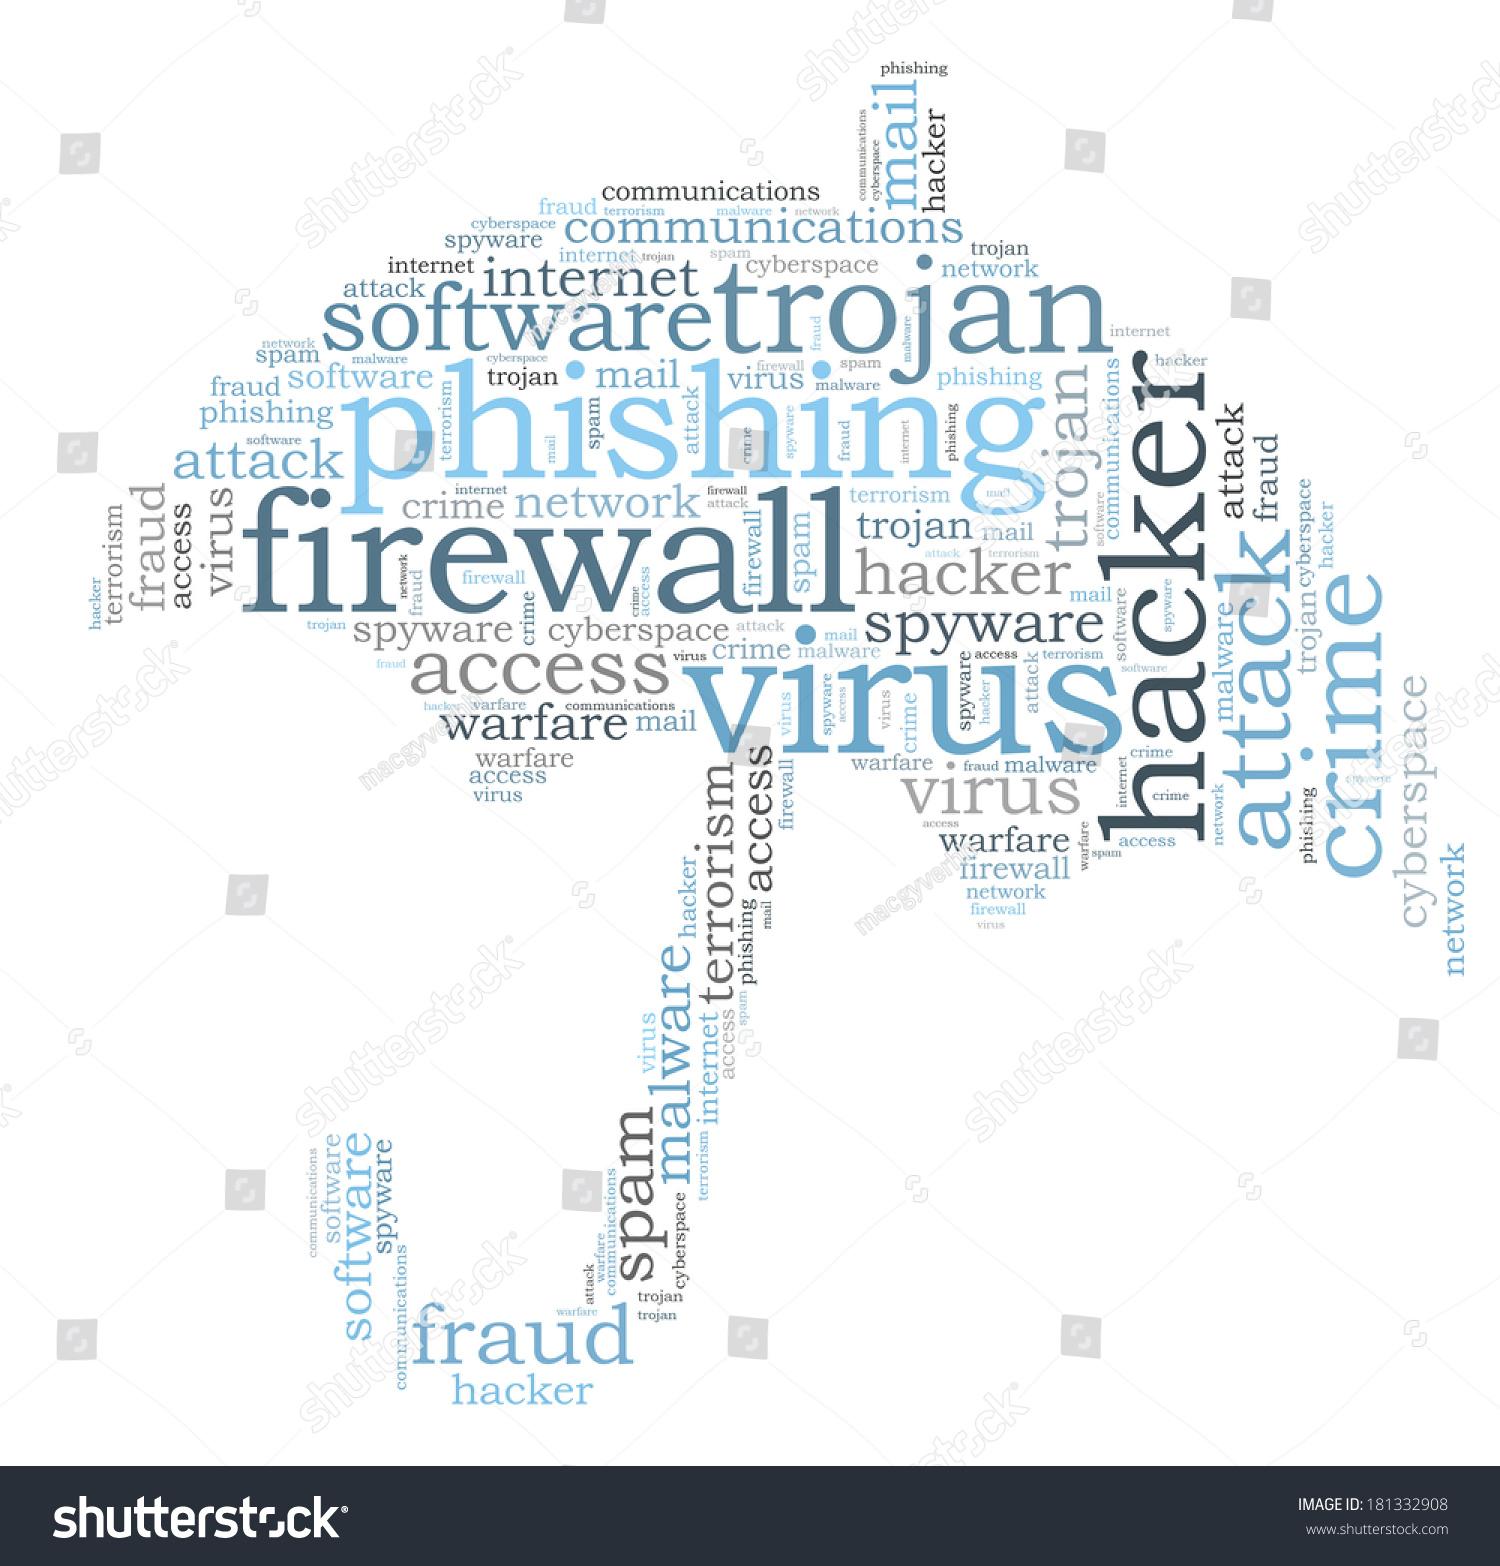 Viral Word: Firewall Virus Word Cloud Stock Photo 181332908 : Shutterstock